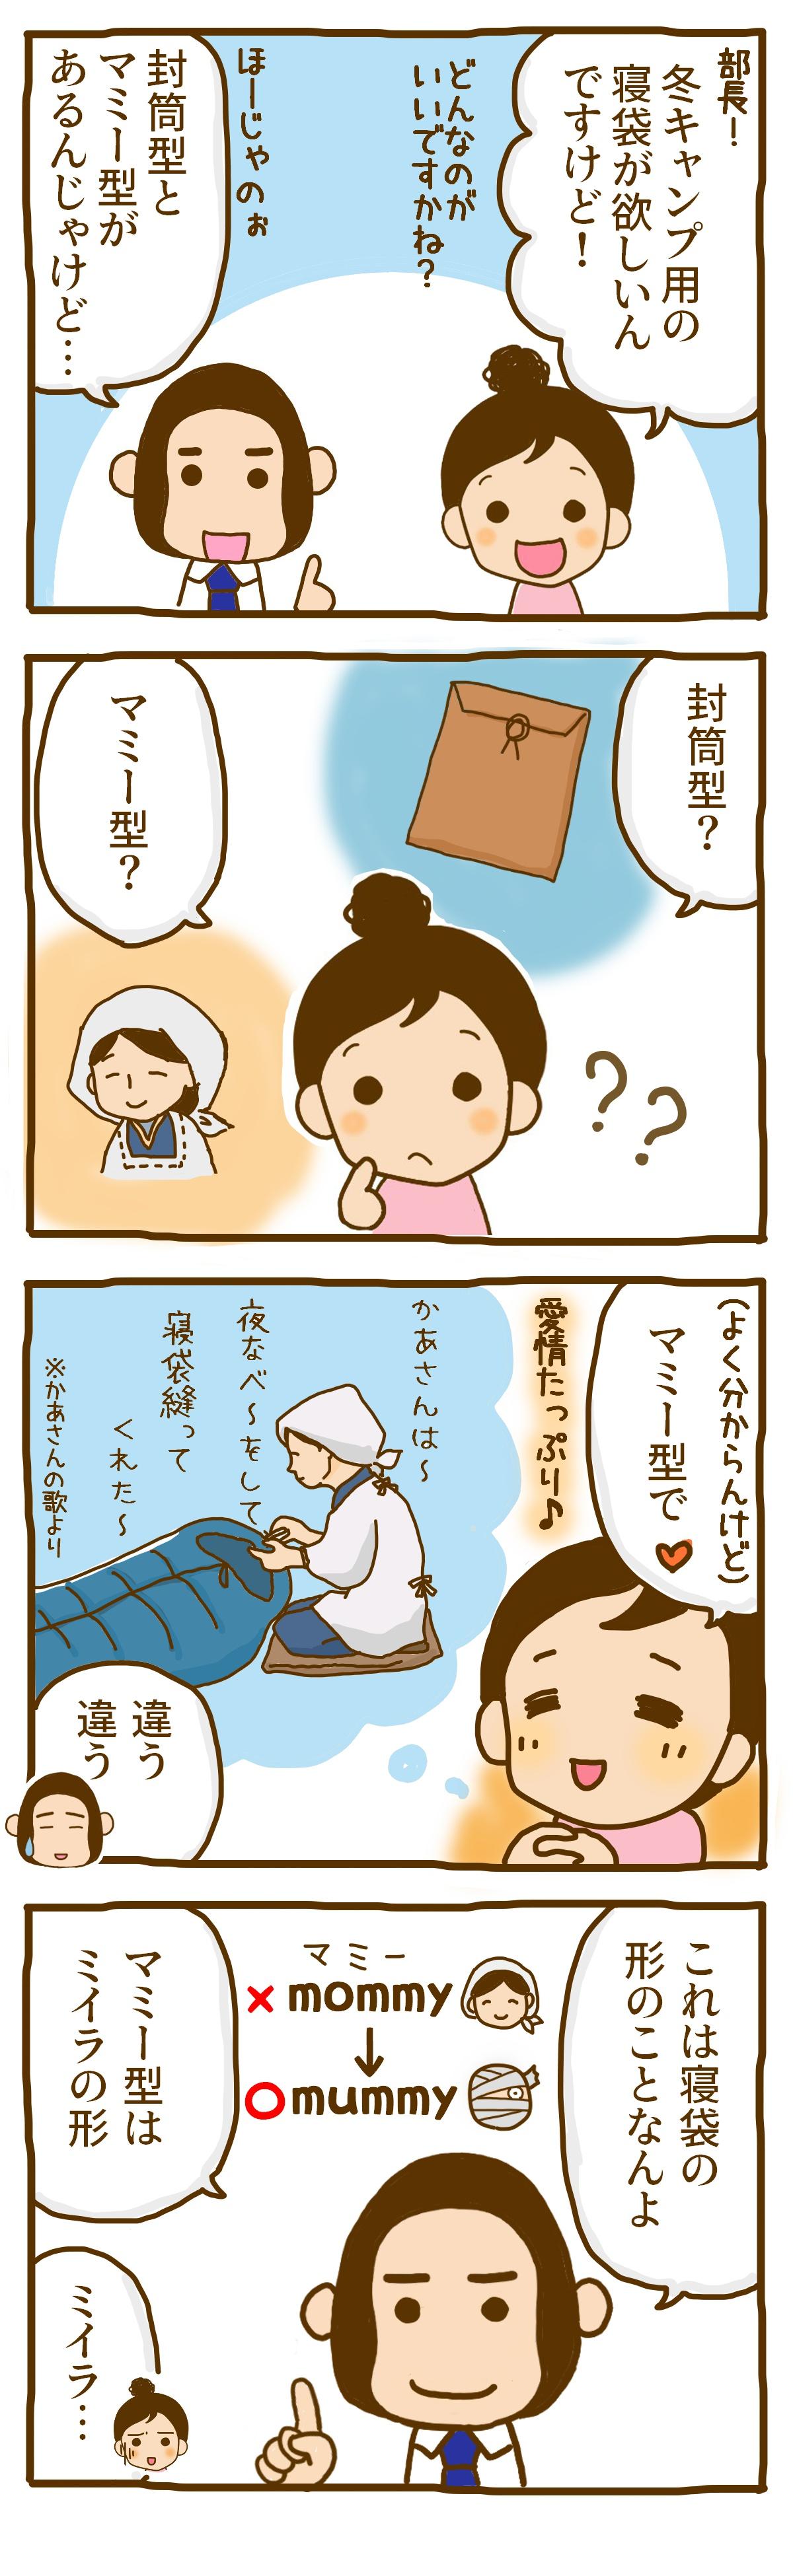 漫画157